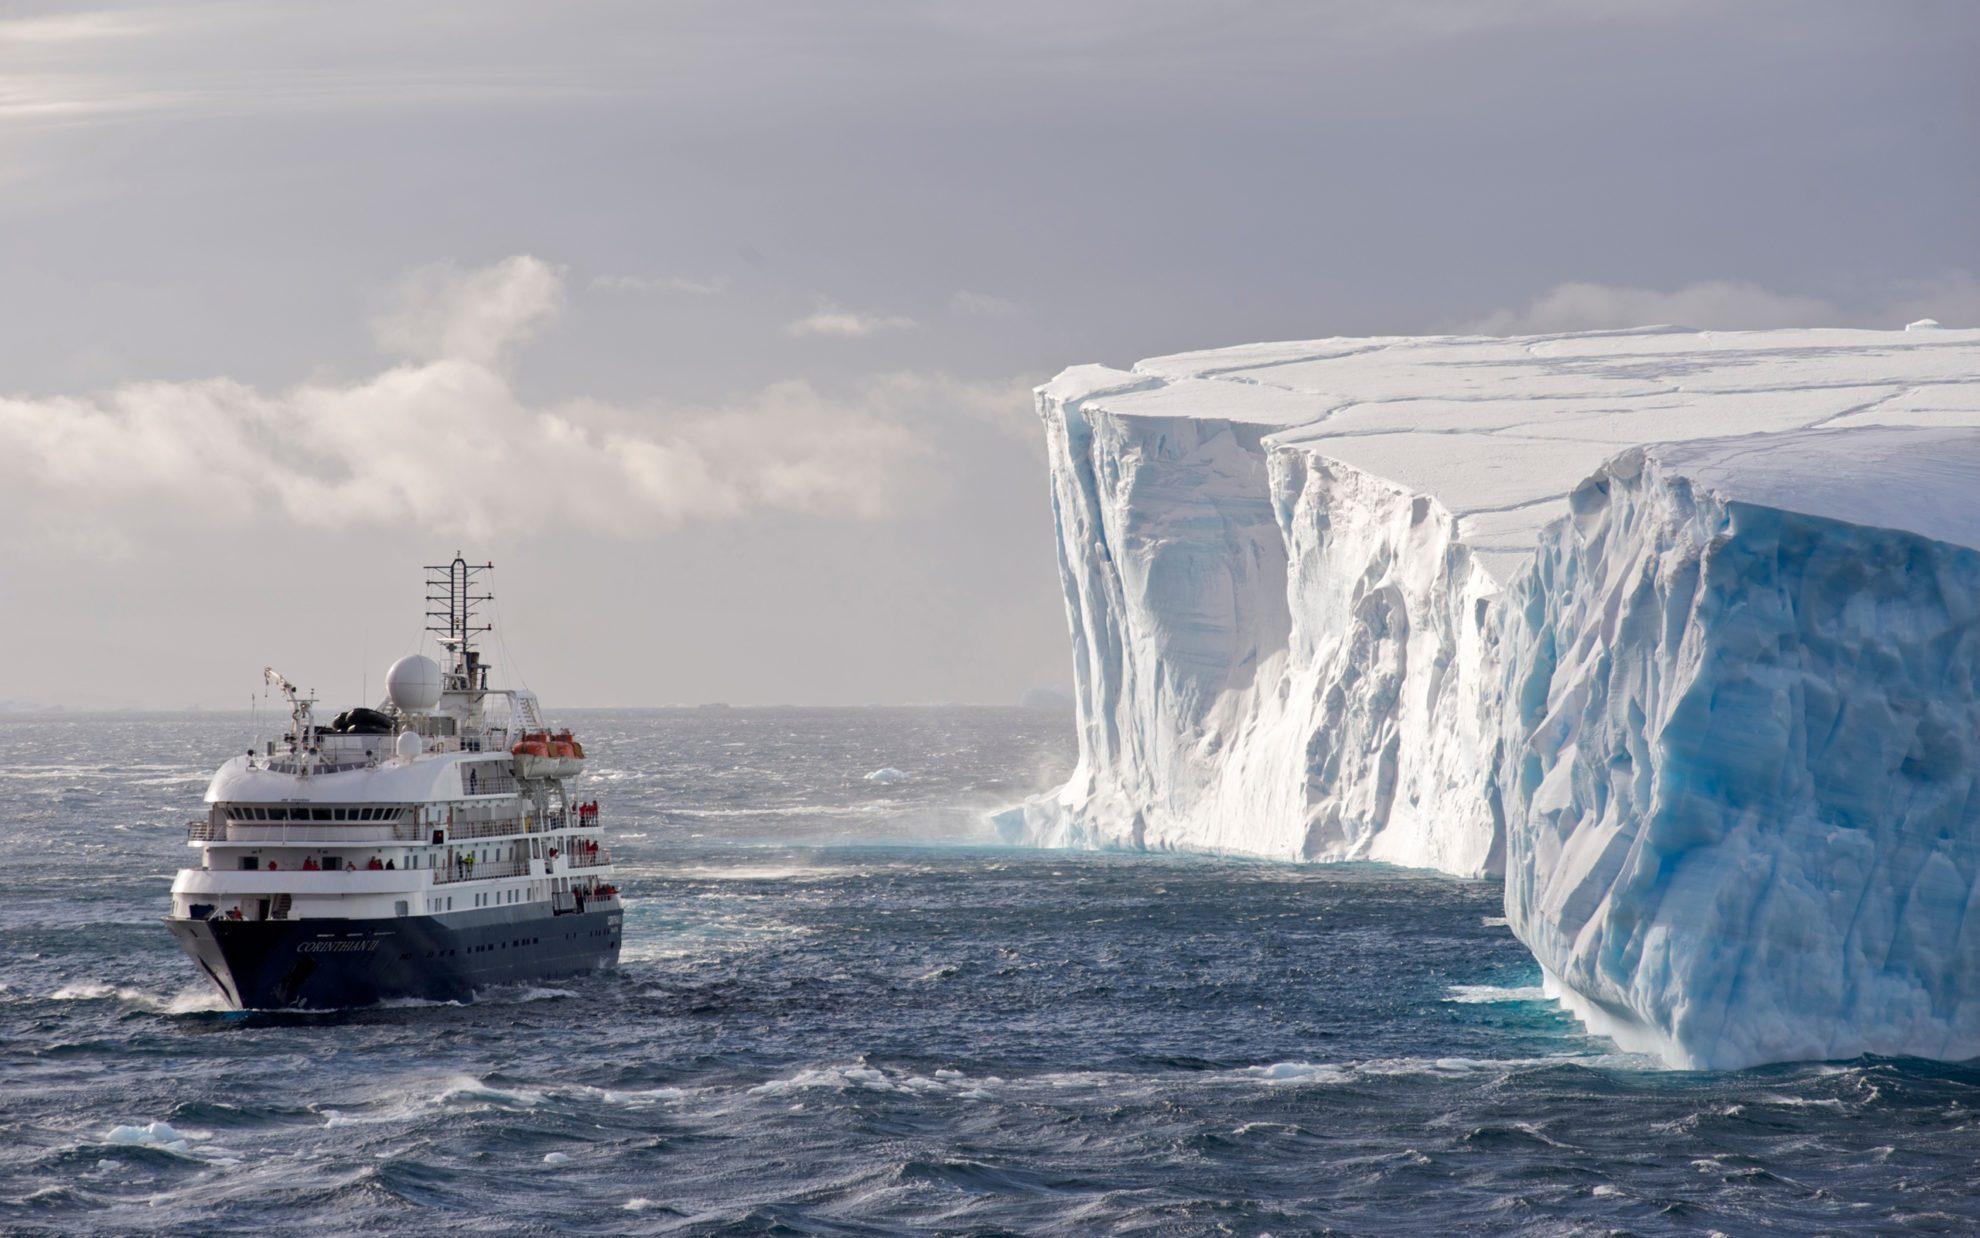 Модное направление 20-21 веков - туры в Антарктиду